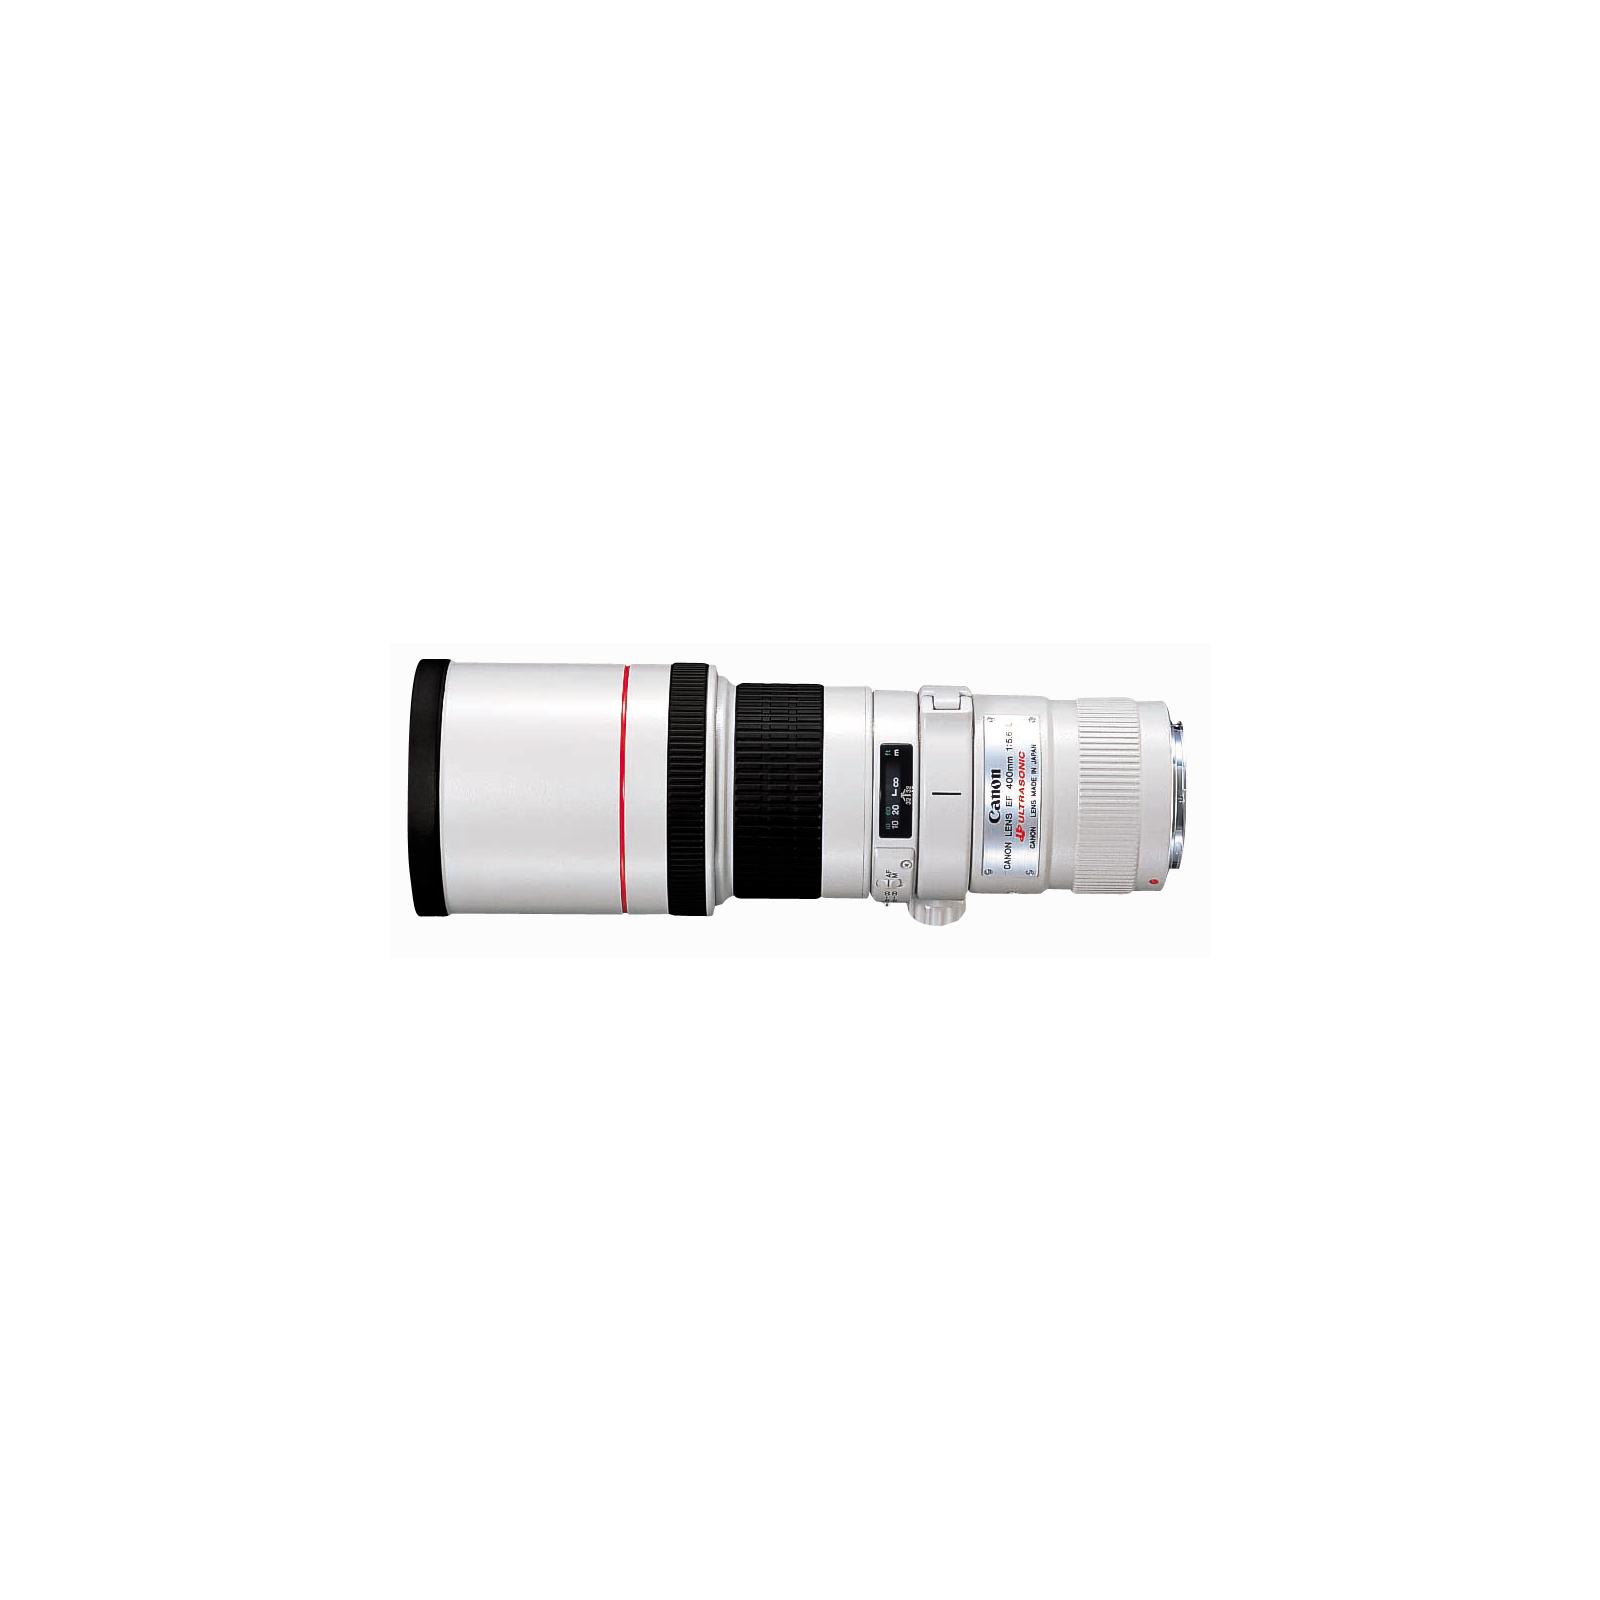 Объектив Canon EF 400mm f/5.6L USM (2526A017)